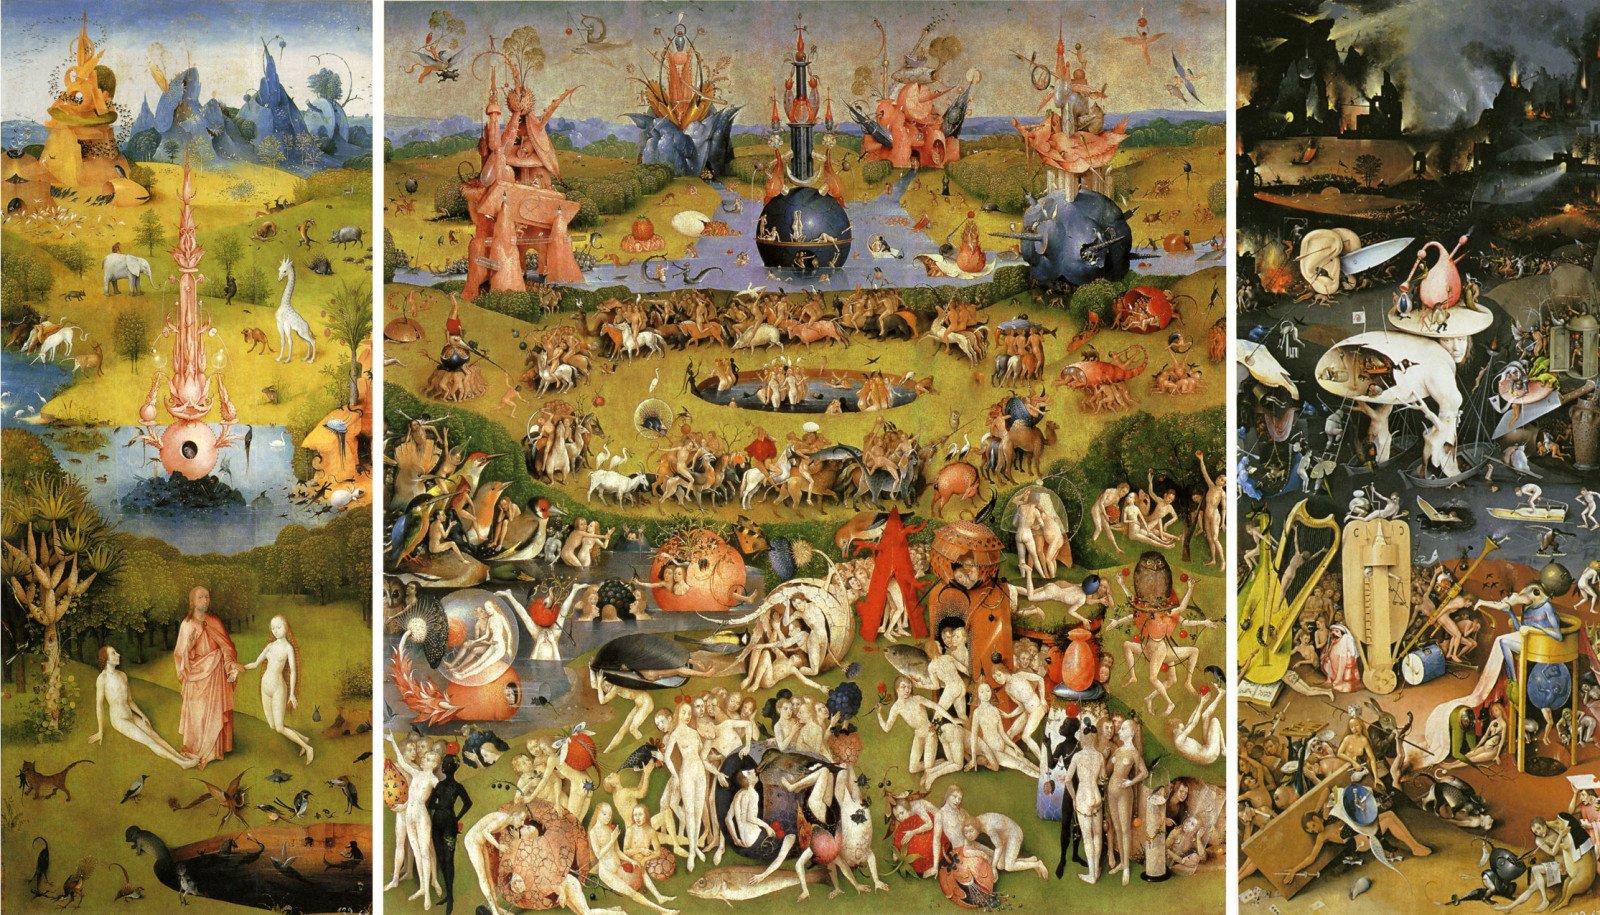 Le Jardin des délices, Jérome Bosch, 1504